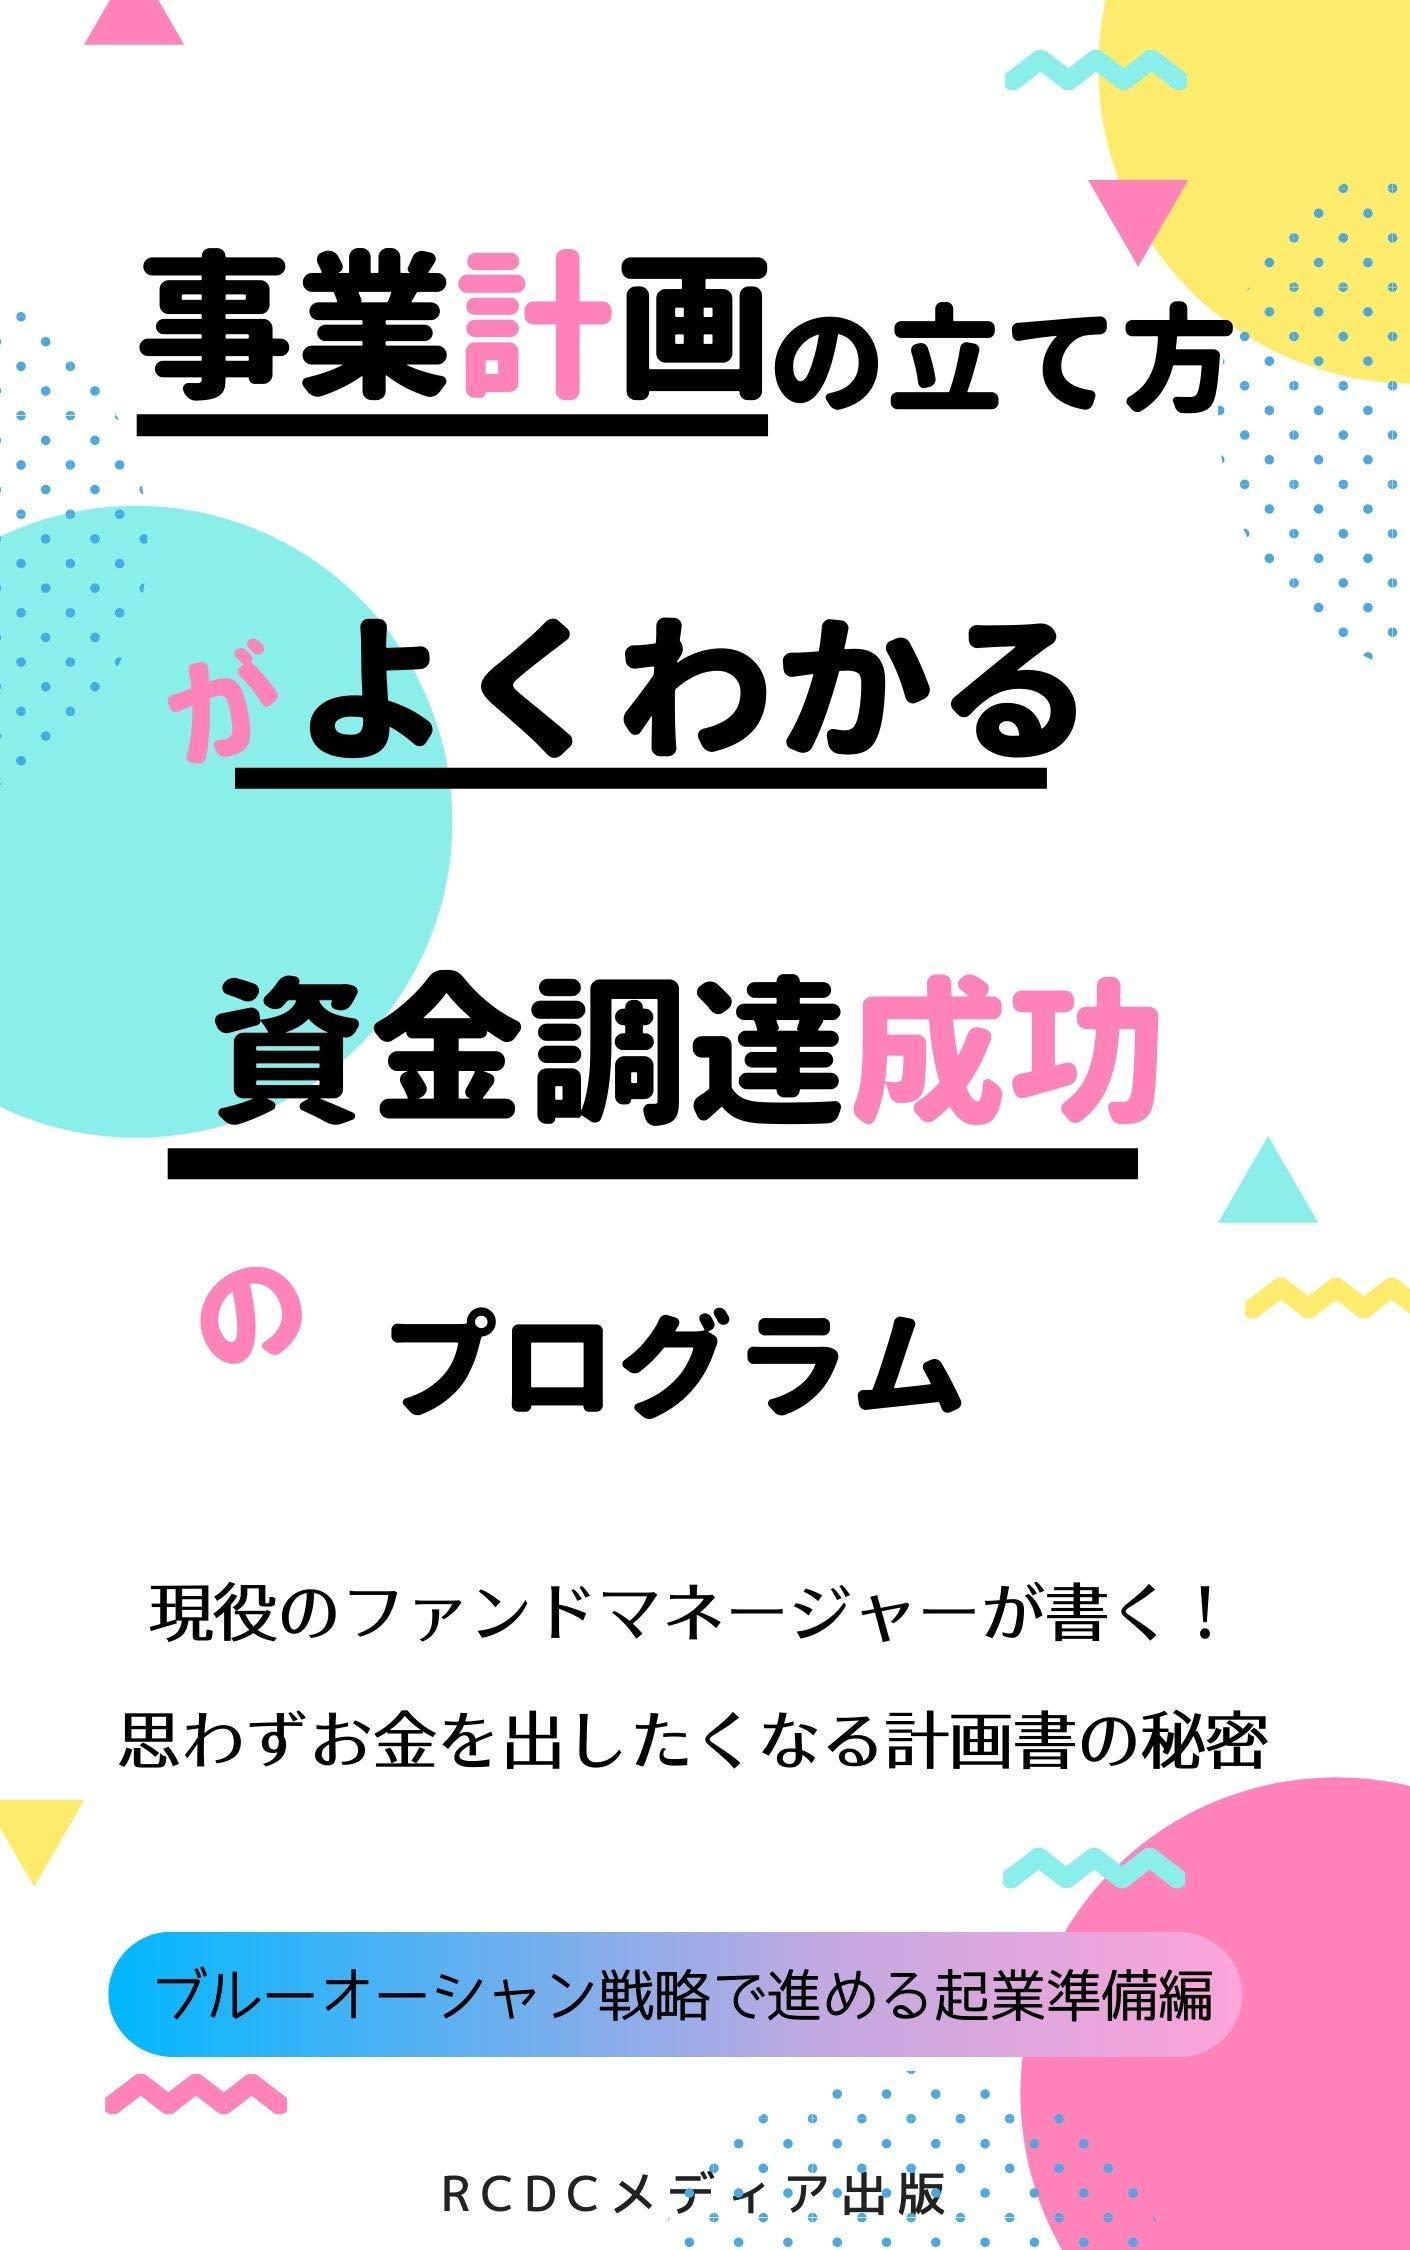 zigyoukeikakushonotatekatagayokuwakarushikinchoutatuseikounopuroguramu: BURU-O-SHANSENRYAKUDESUSUMERUKIGYOUJUNBI (rcdcMEDHIASHUPPAN) (Japanese Edition)